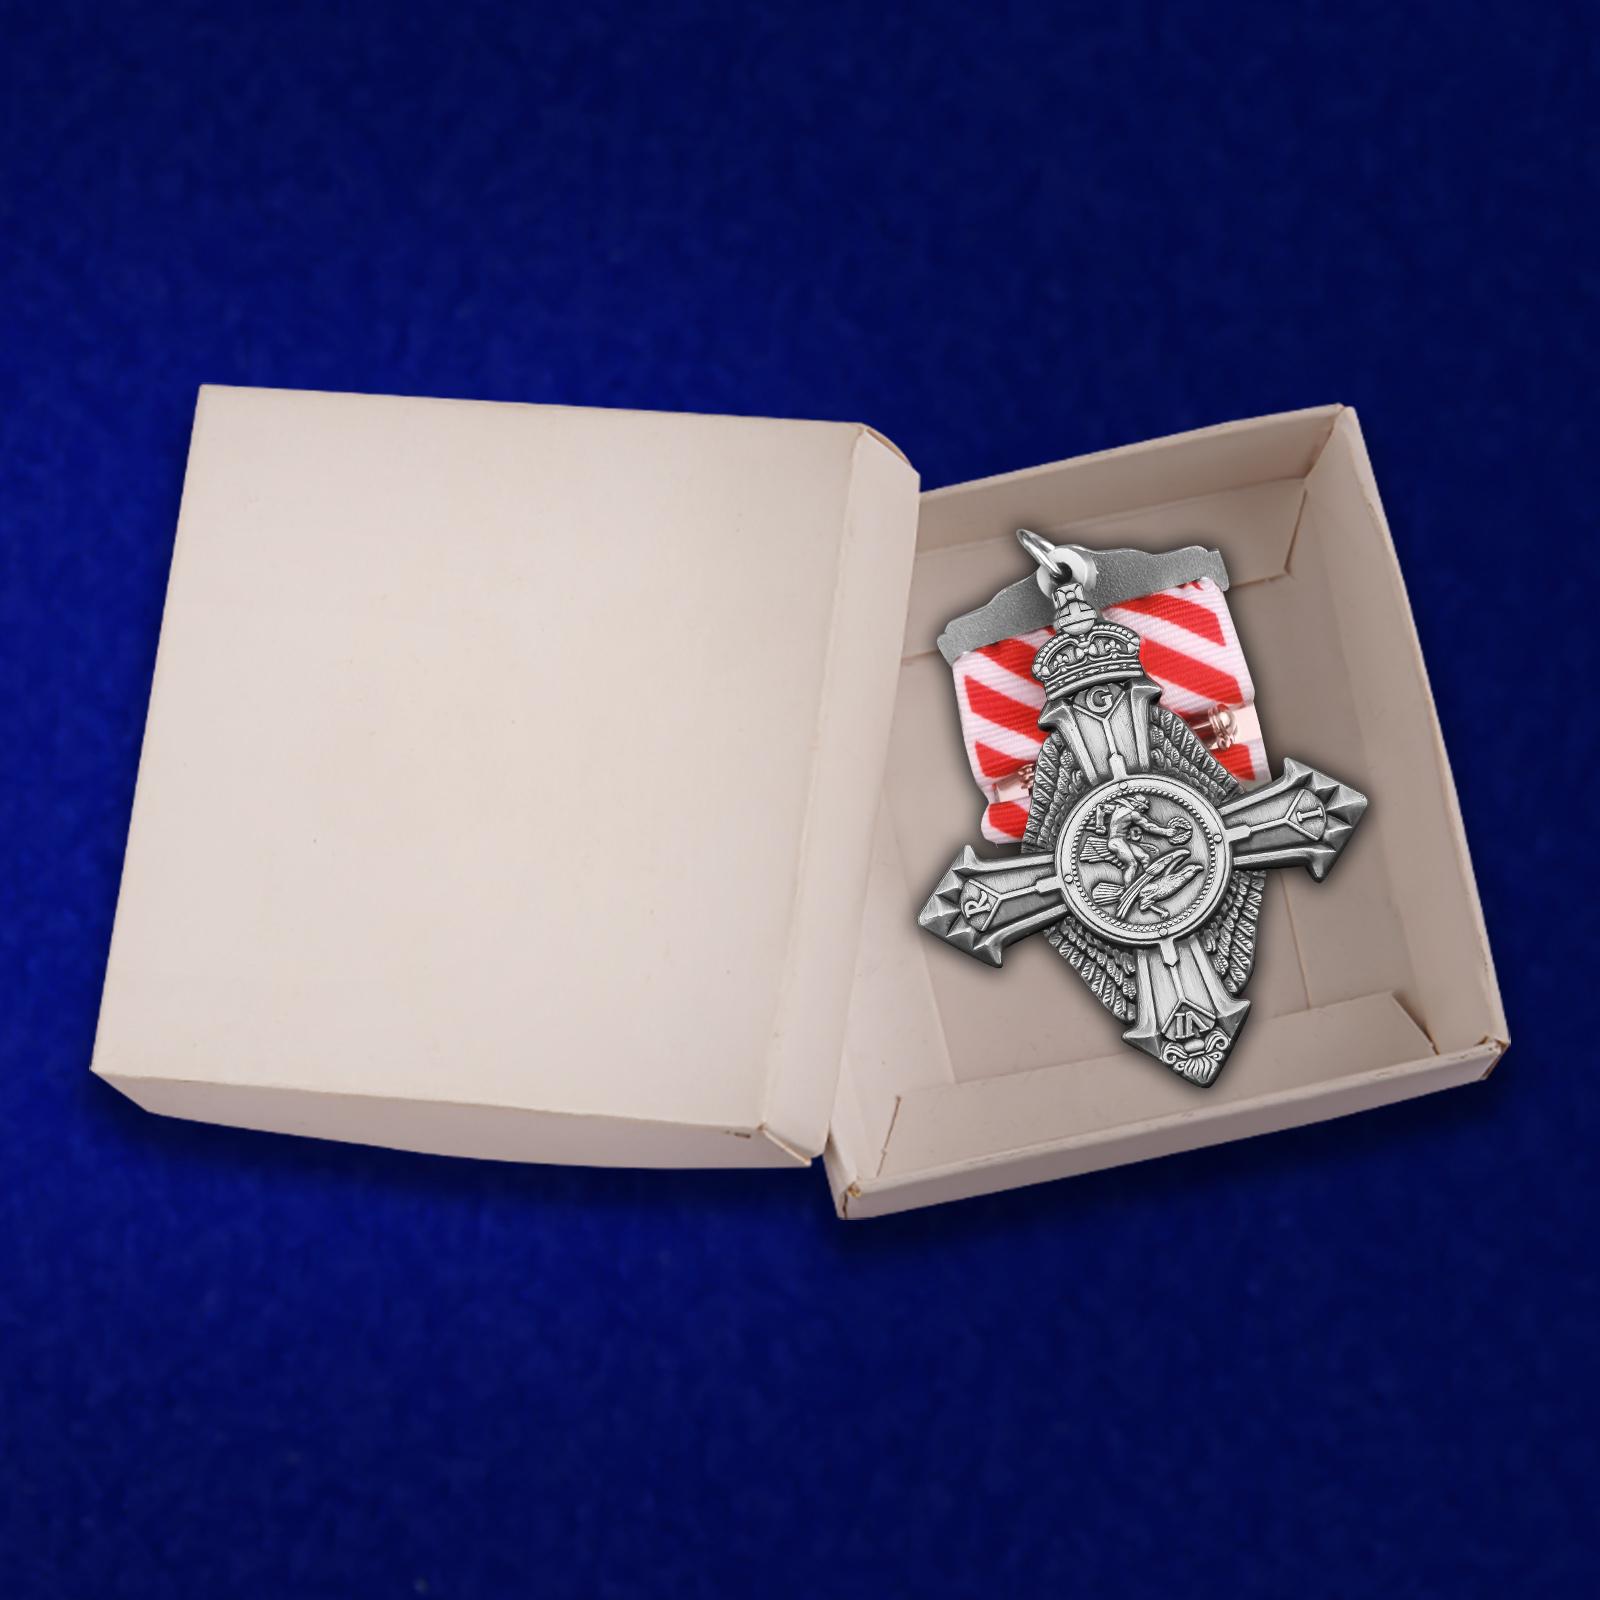 Крест ВВС (Великобритания) с доставкой